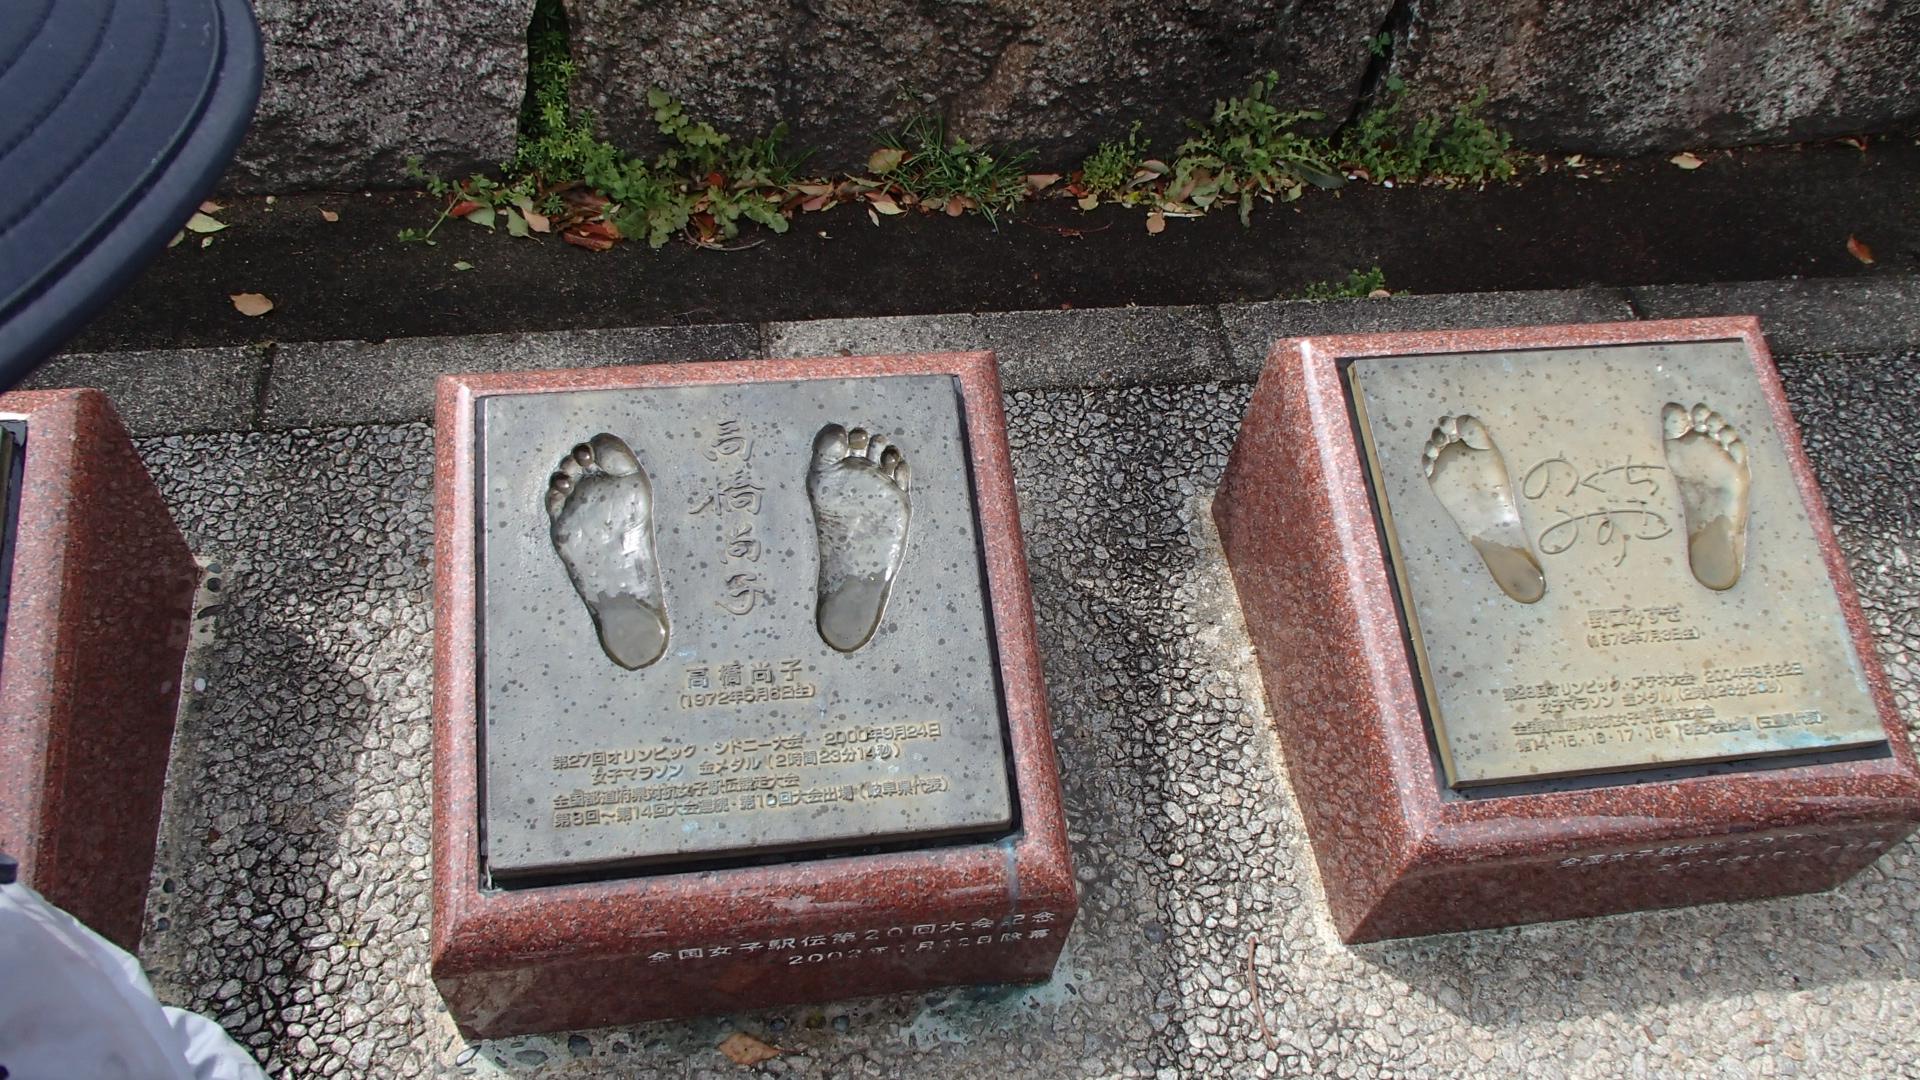 高橋尚子さんや野口みずきさんの足型